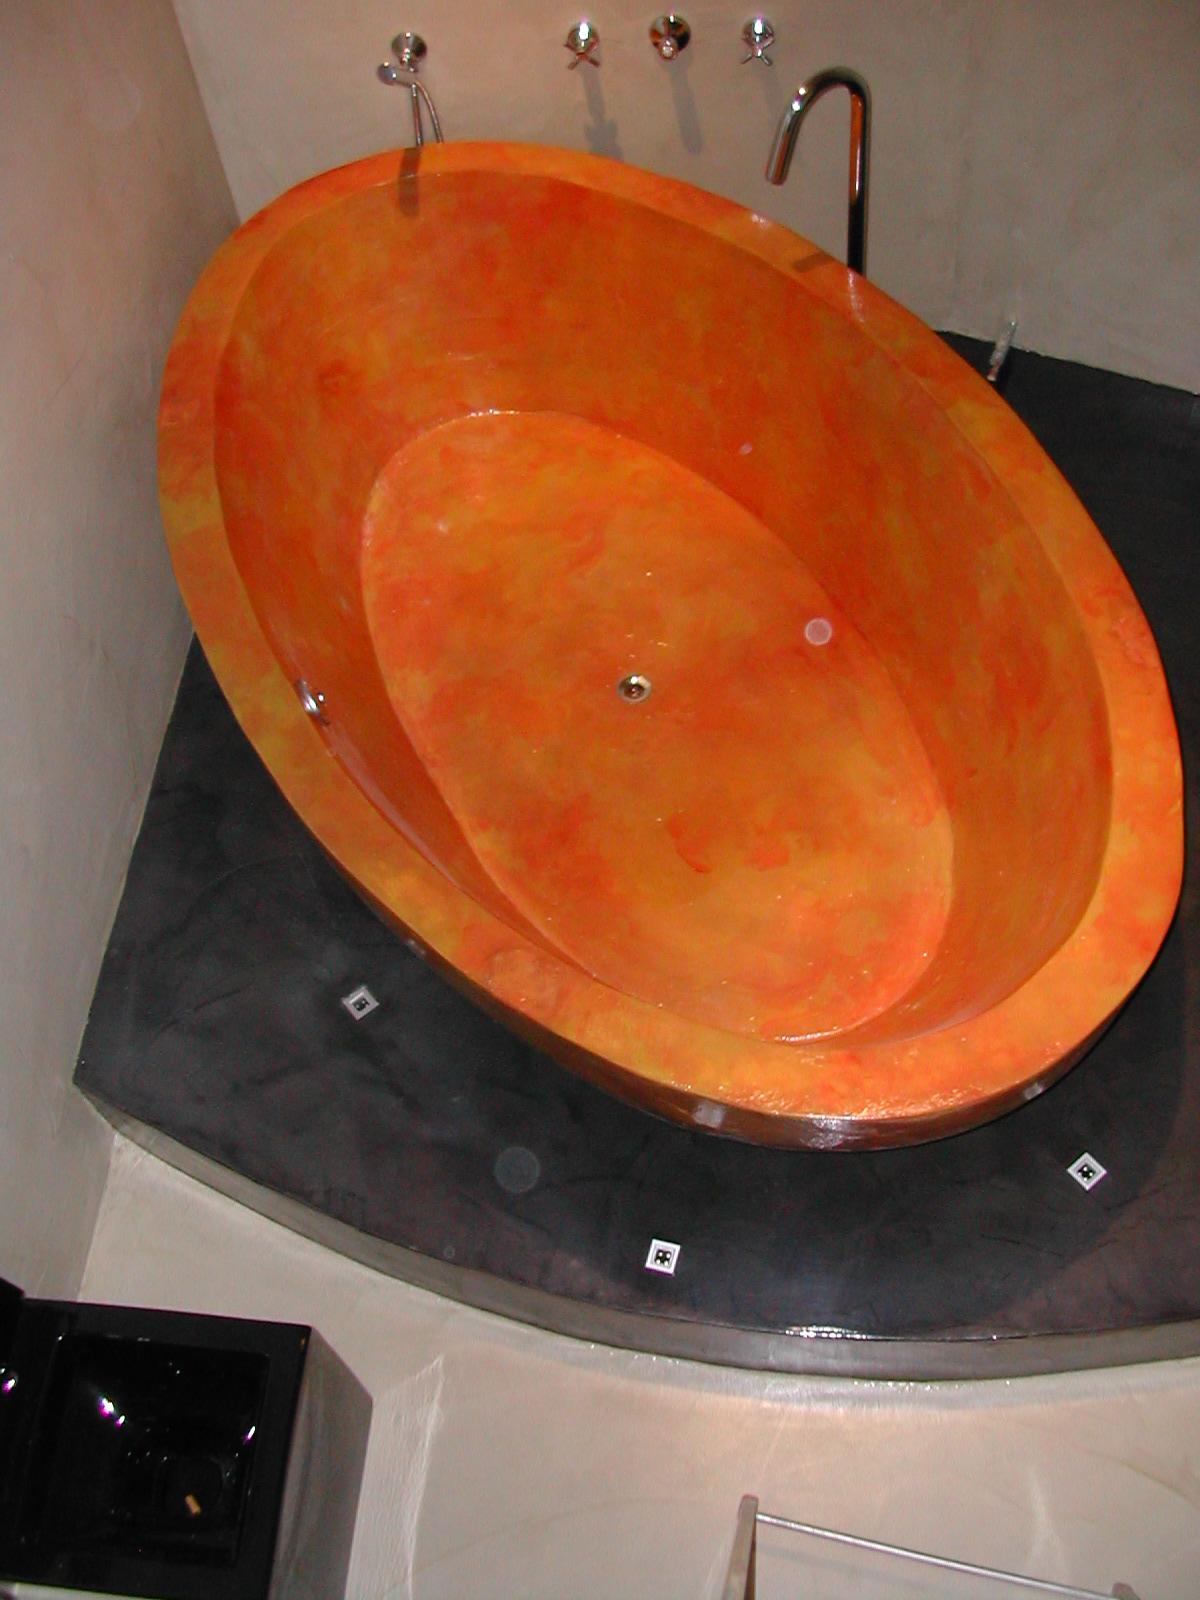 Vasca da bagno in cemento stefanopezziafornero - Vasca da bagno in cemento ...